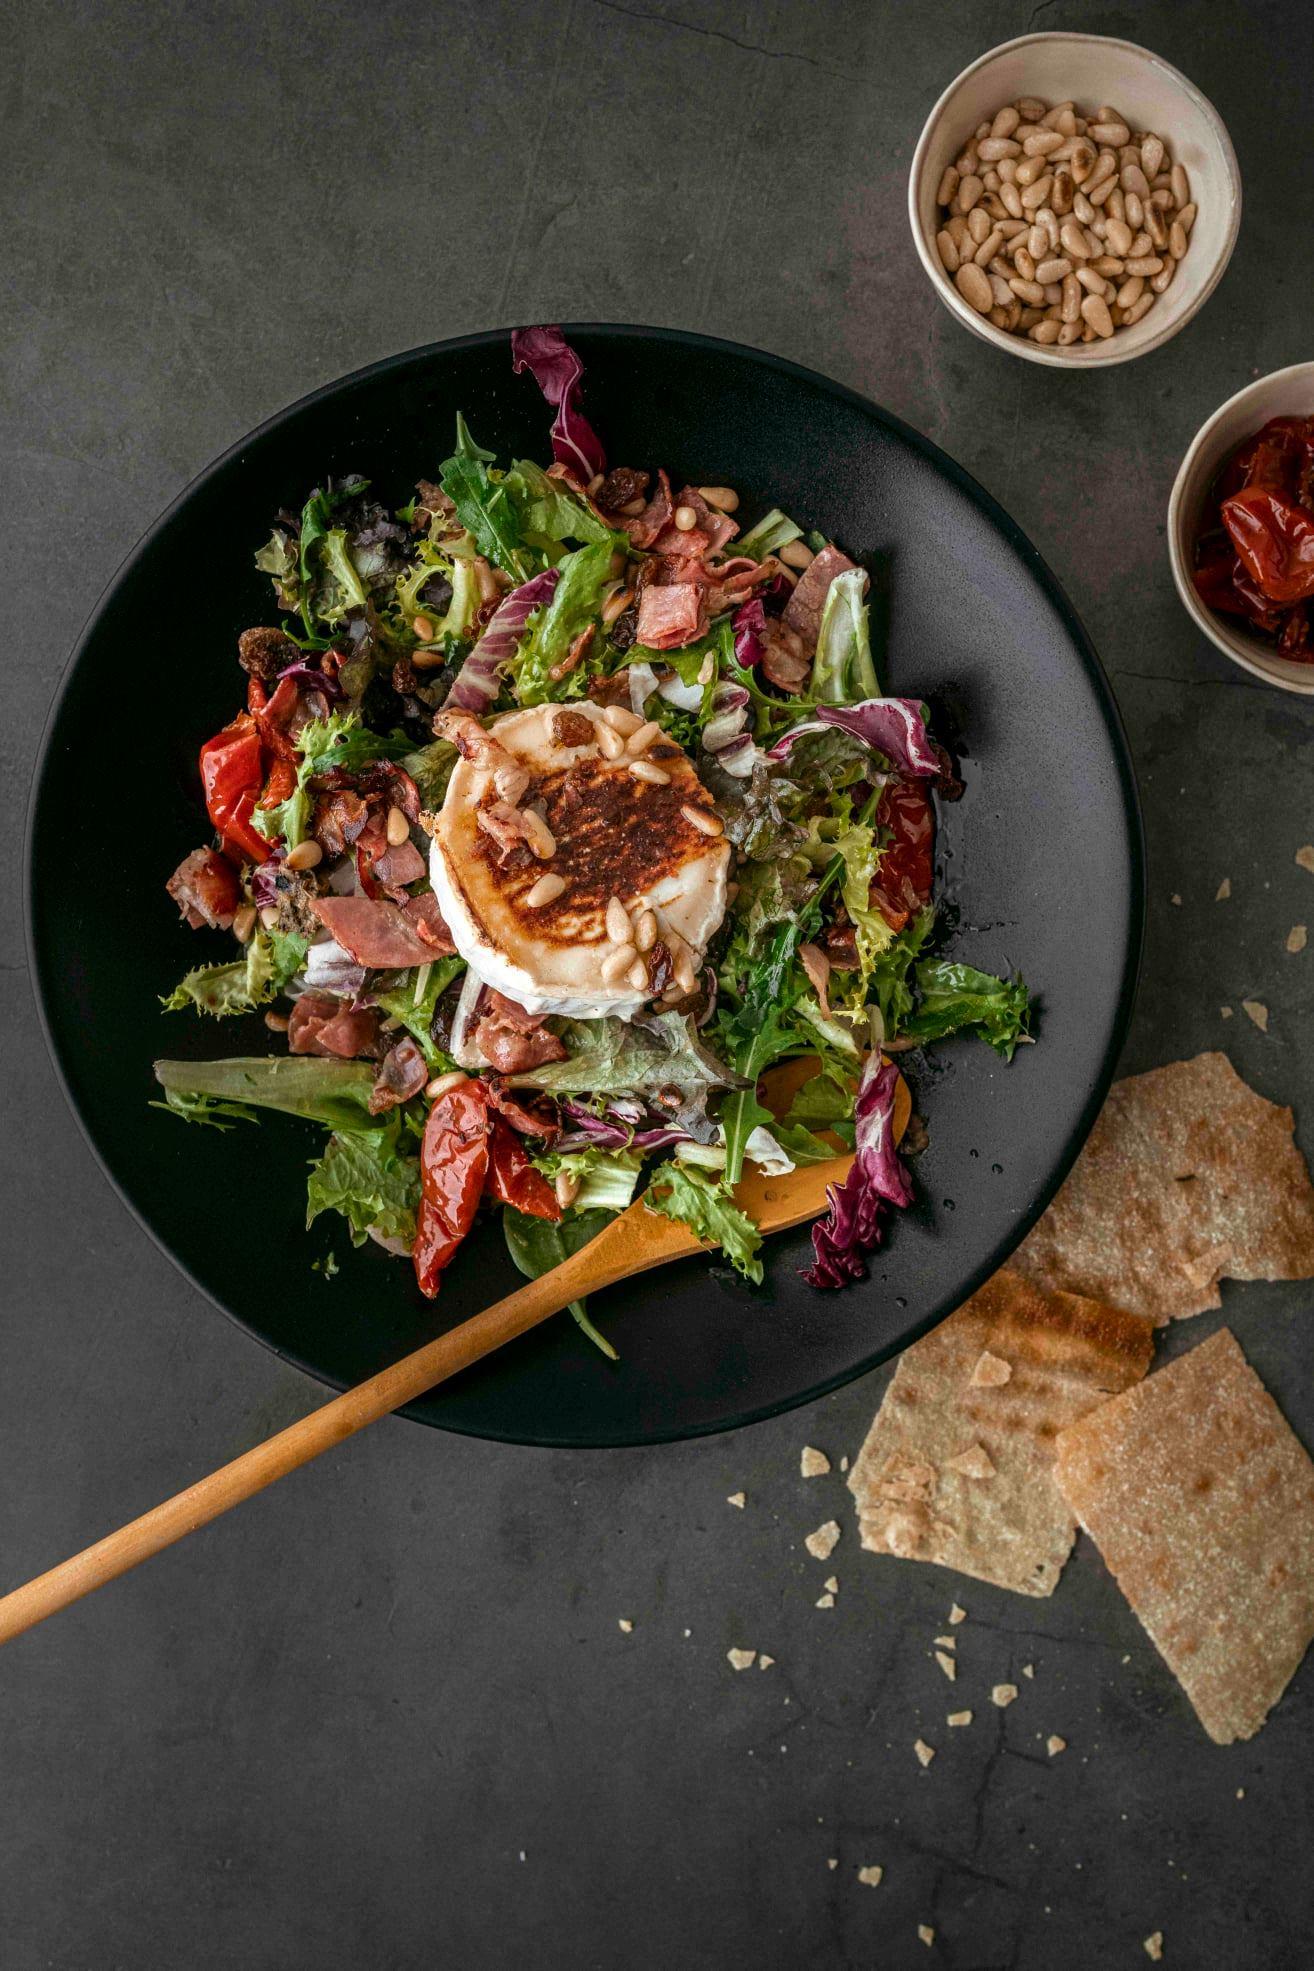 amantes rulo cabra cocina italiana - ¿Te gusta el queso de rulo de cabra? Estos platos son para ti